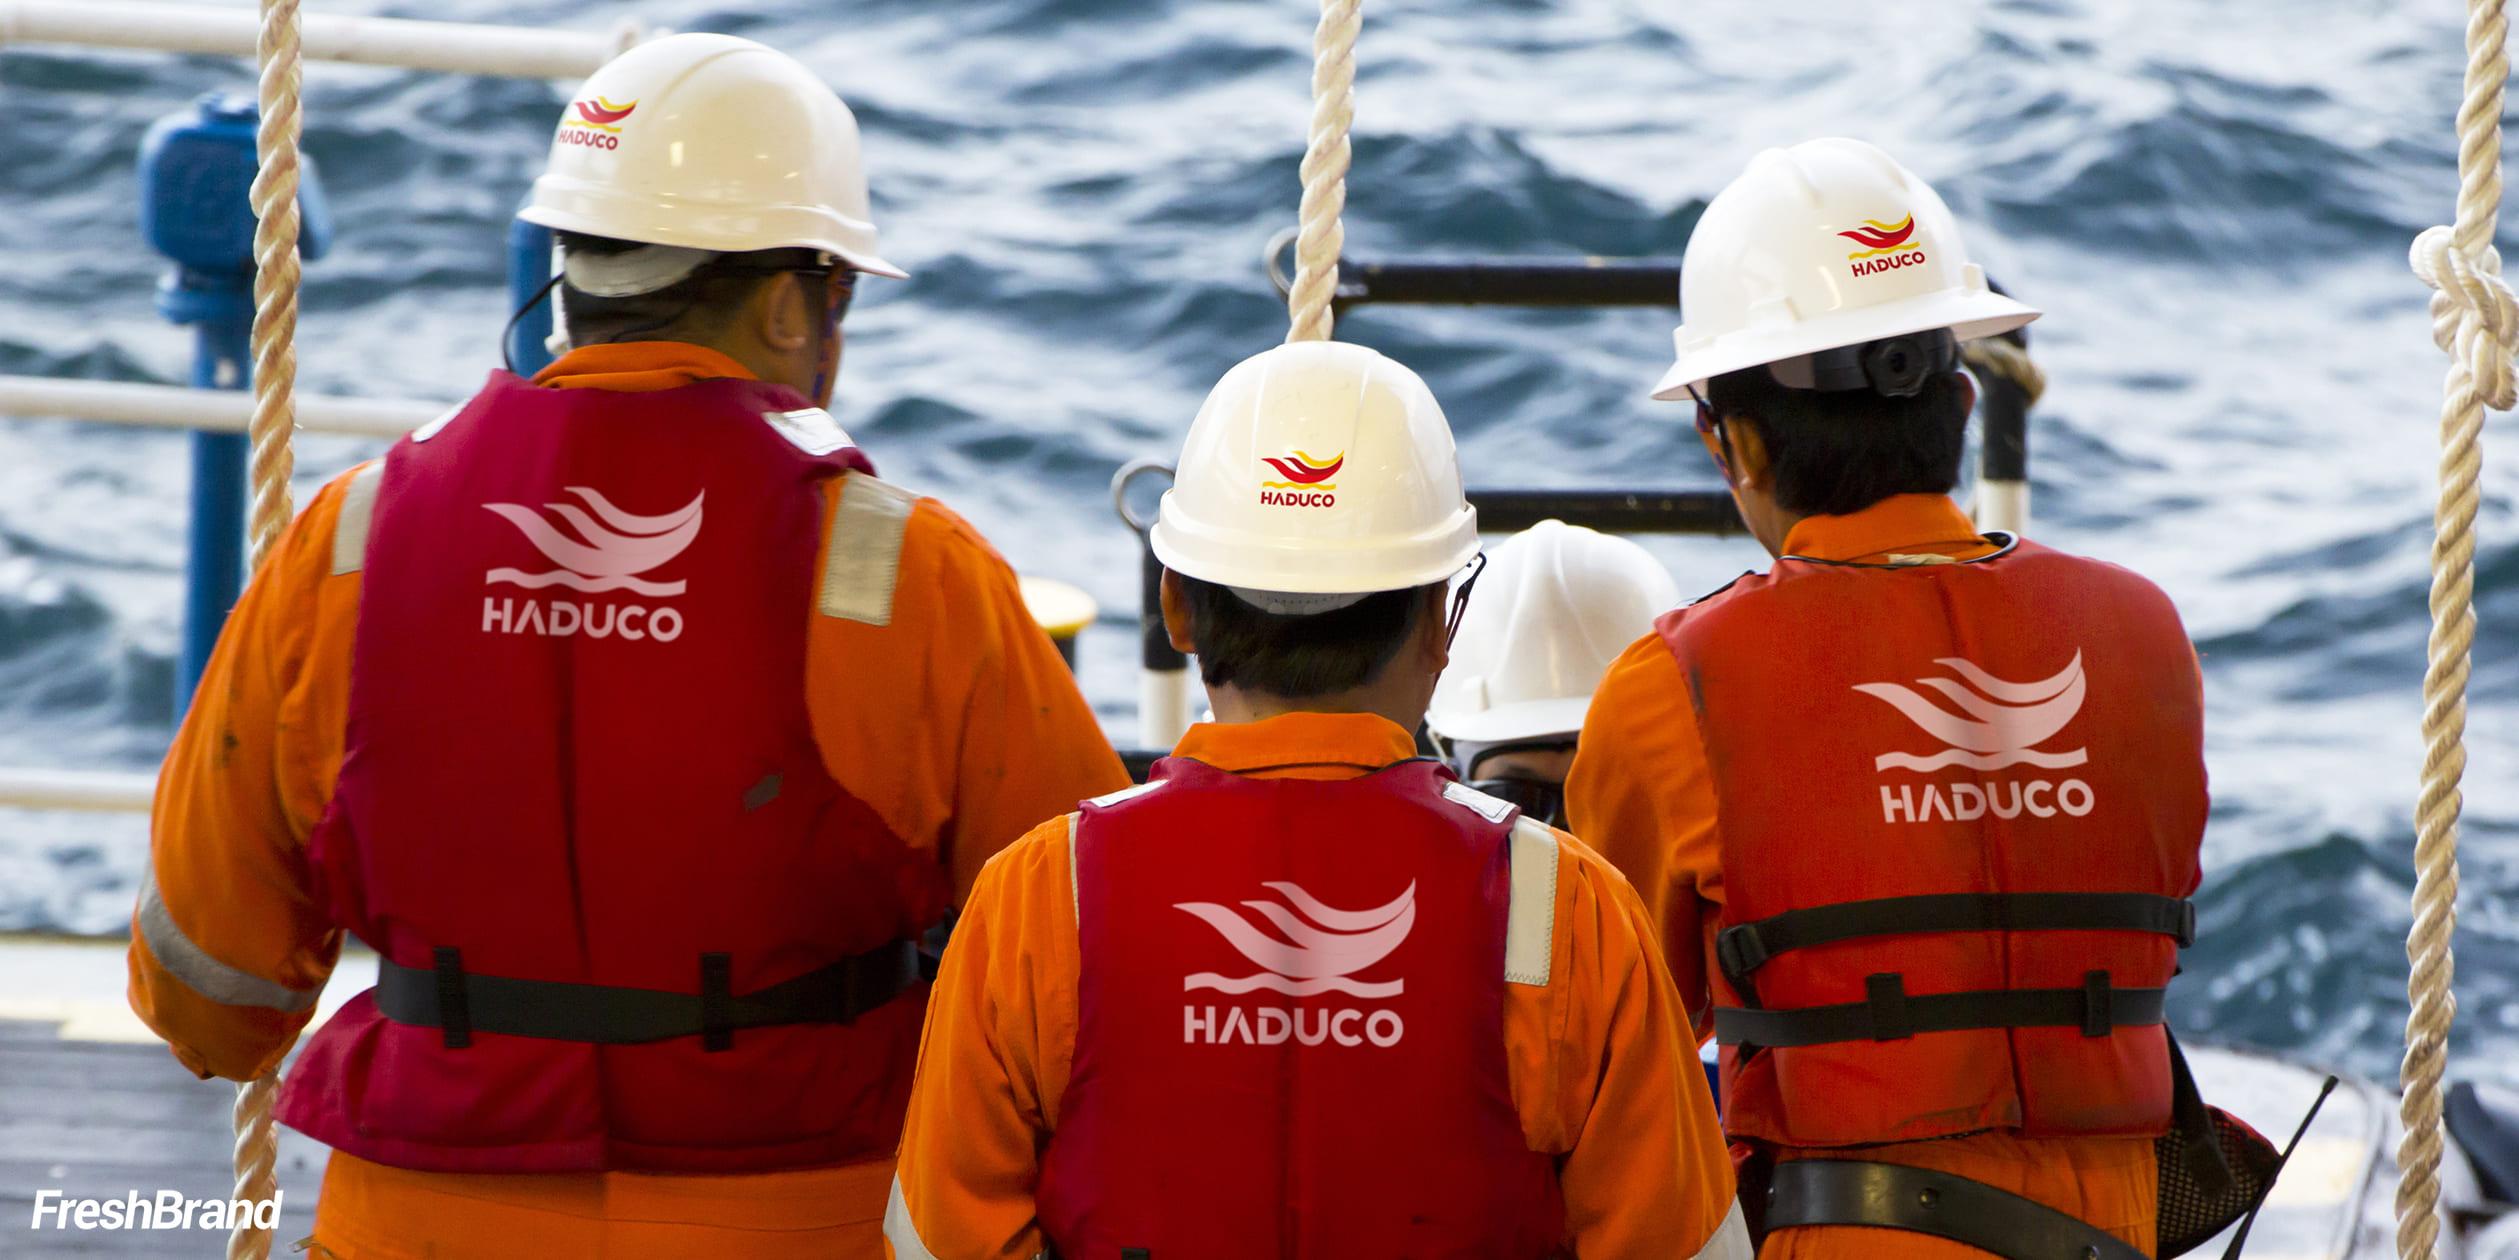 Haduco tuyển dụng Chuyên viên Phòng kỹ thuật (chuyên viên Điện)